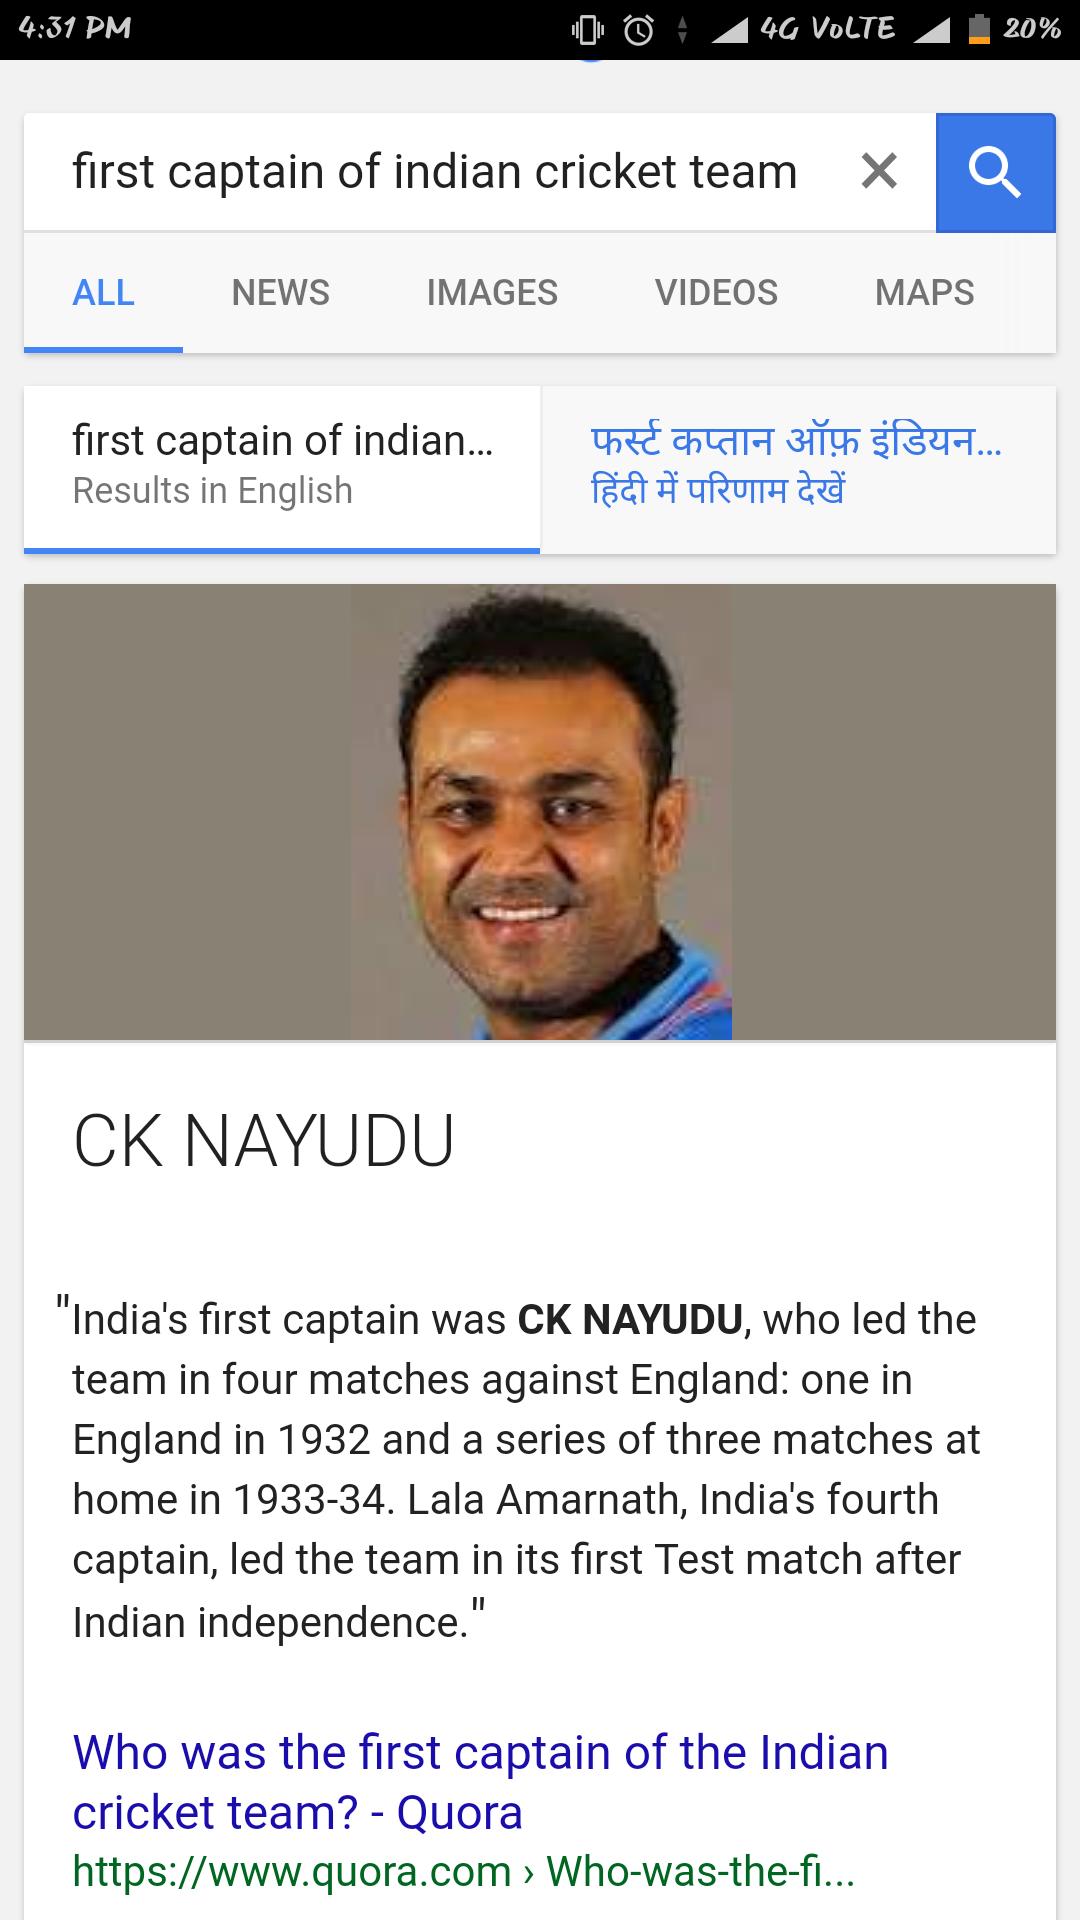 CK Nayudu